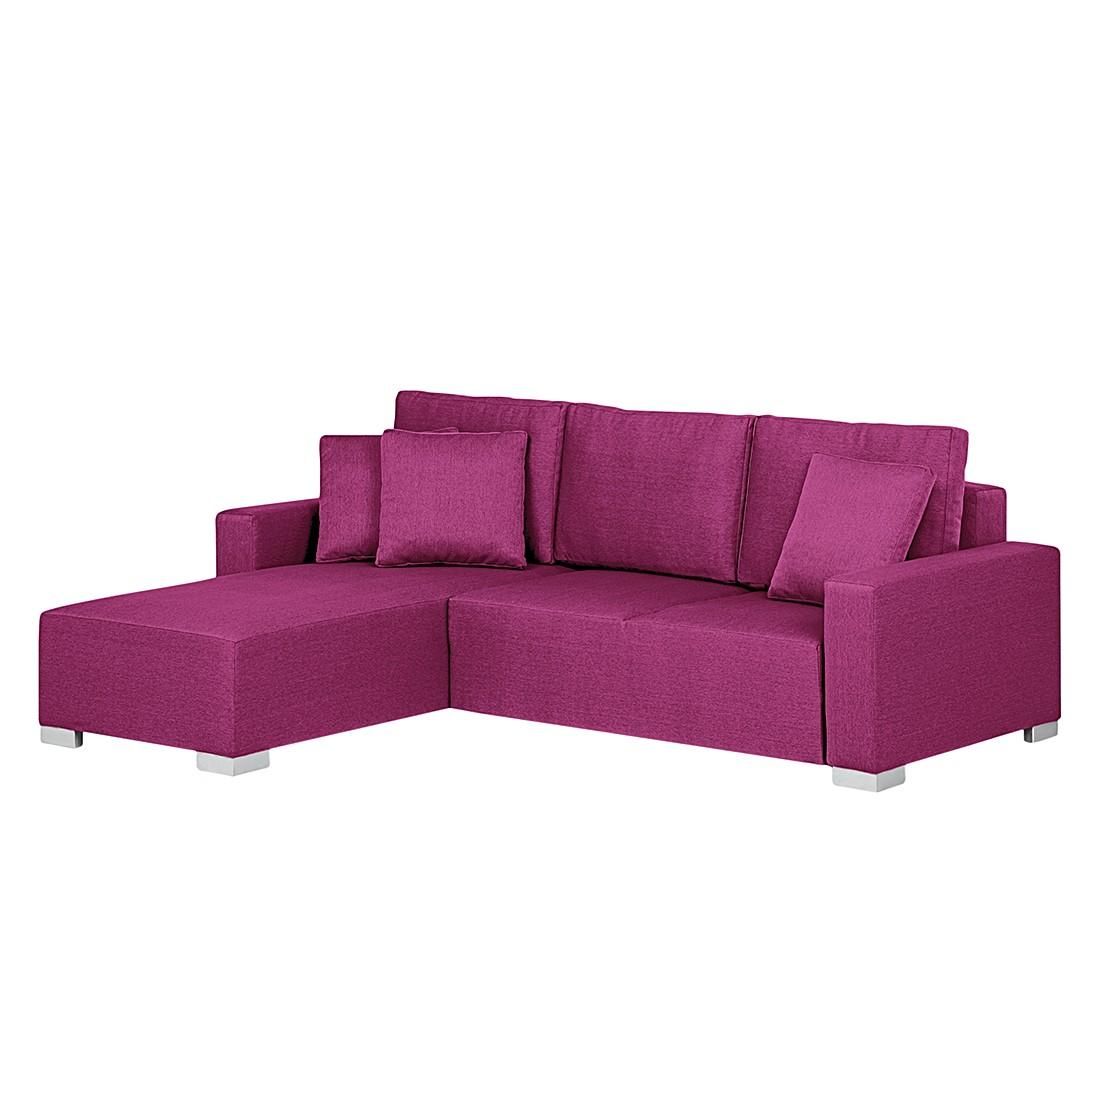 Ecksofa Moabit (mit Schlaffunktion) – Webstoff Pink – Ottomane davorstehend links, roomscape jetzt kaufen